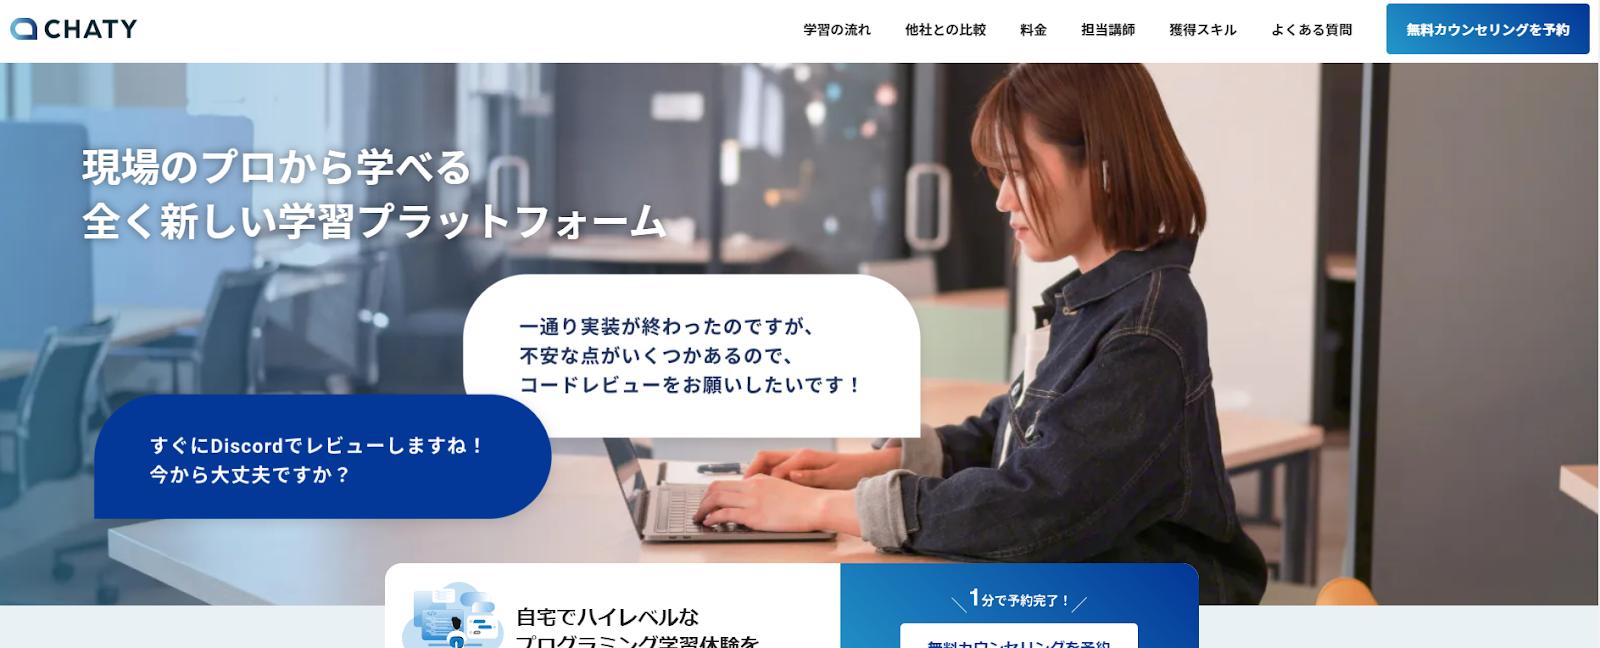 オンラインプログラミングスクール「CHATY」